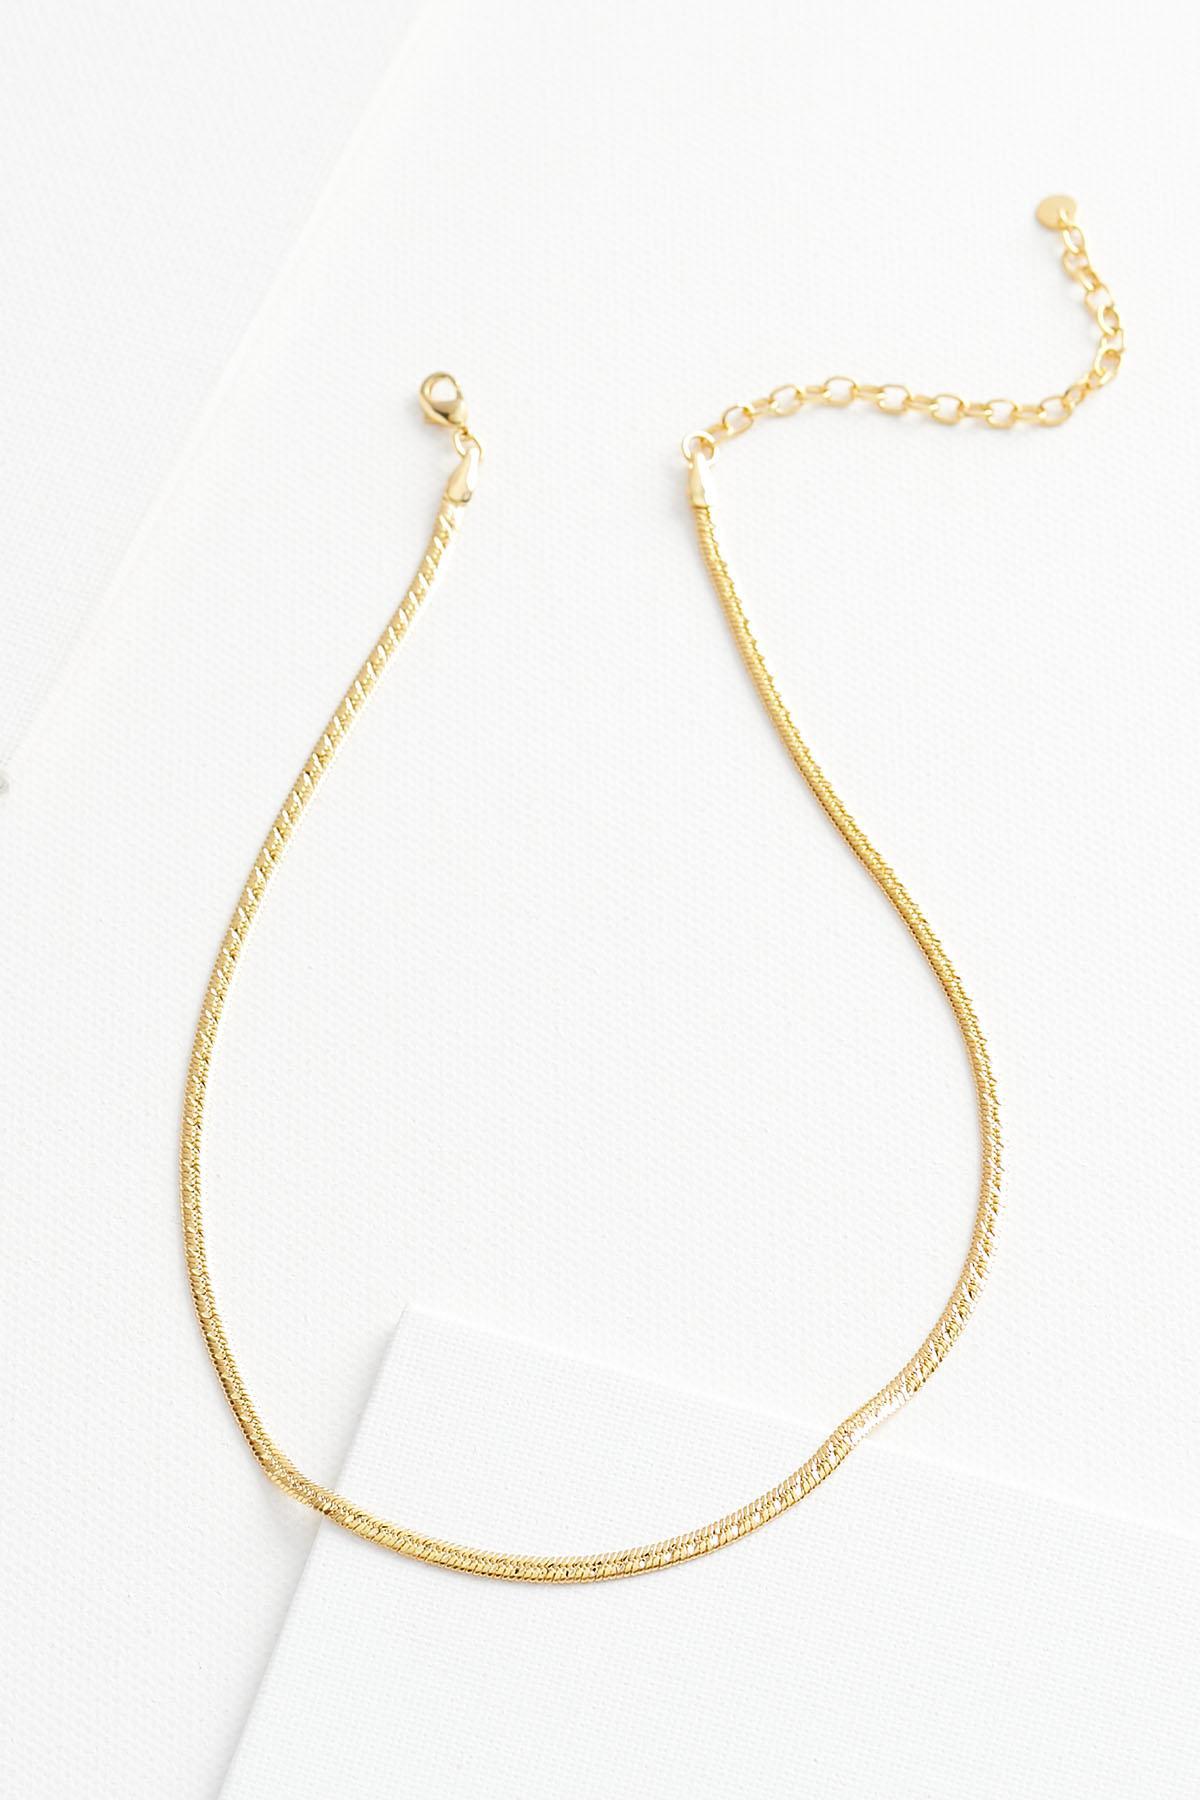 Dainty 18k Necklace